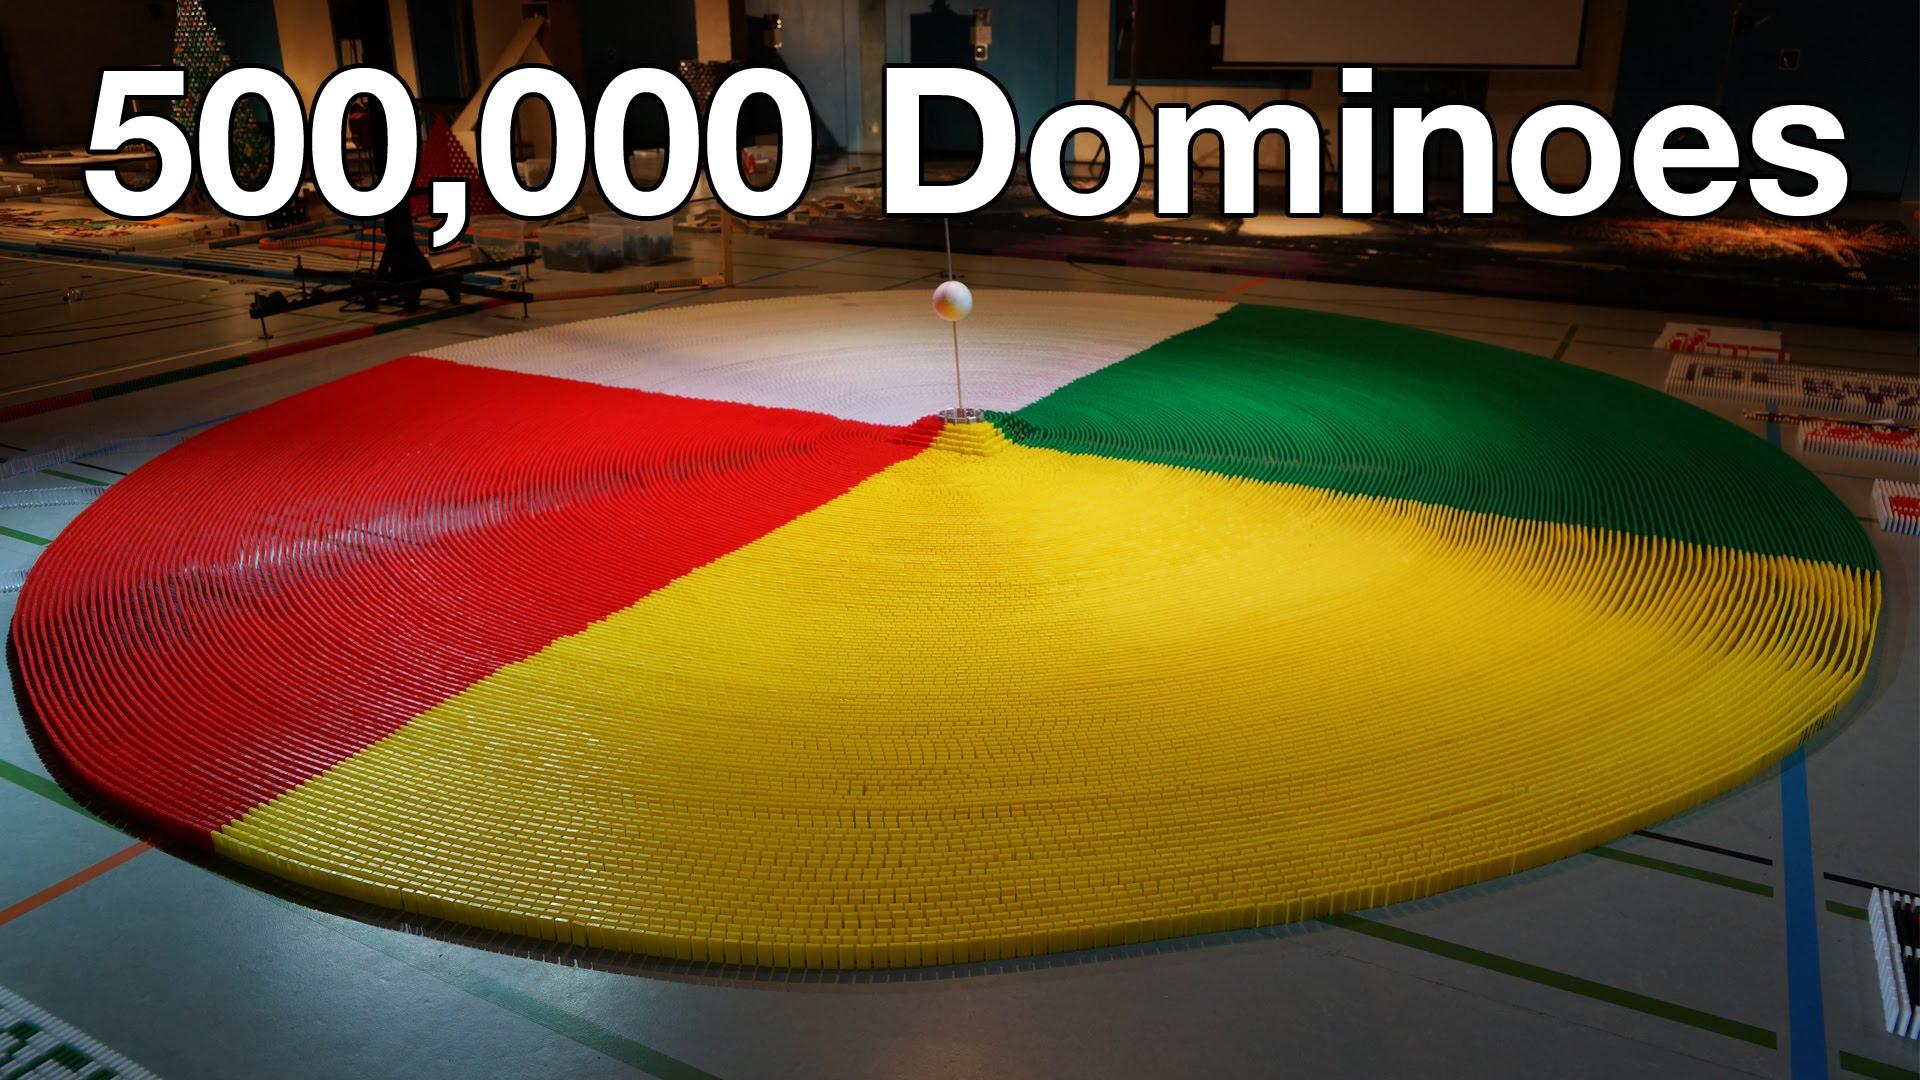 ギネス世界記録にのった50万ピースのドミノ倒しが圧巻!